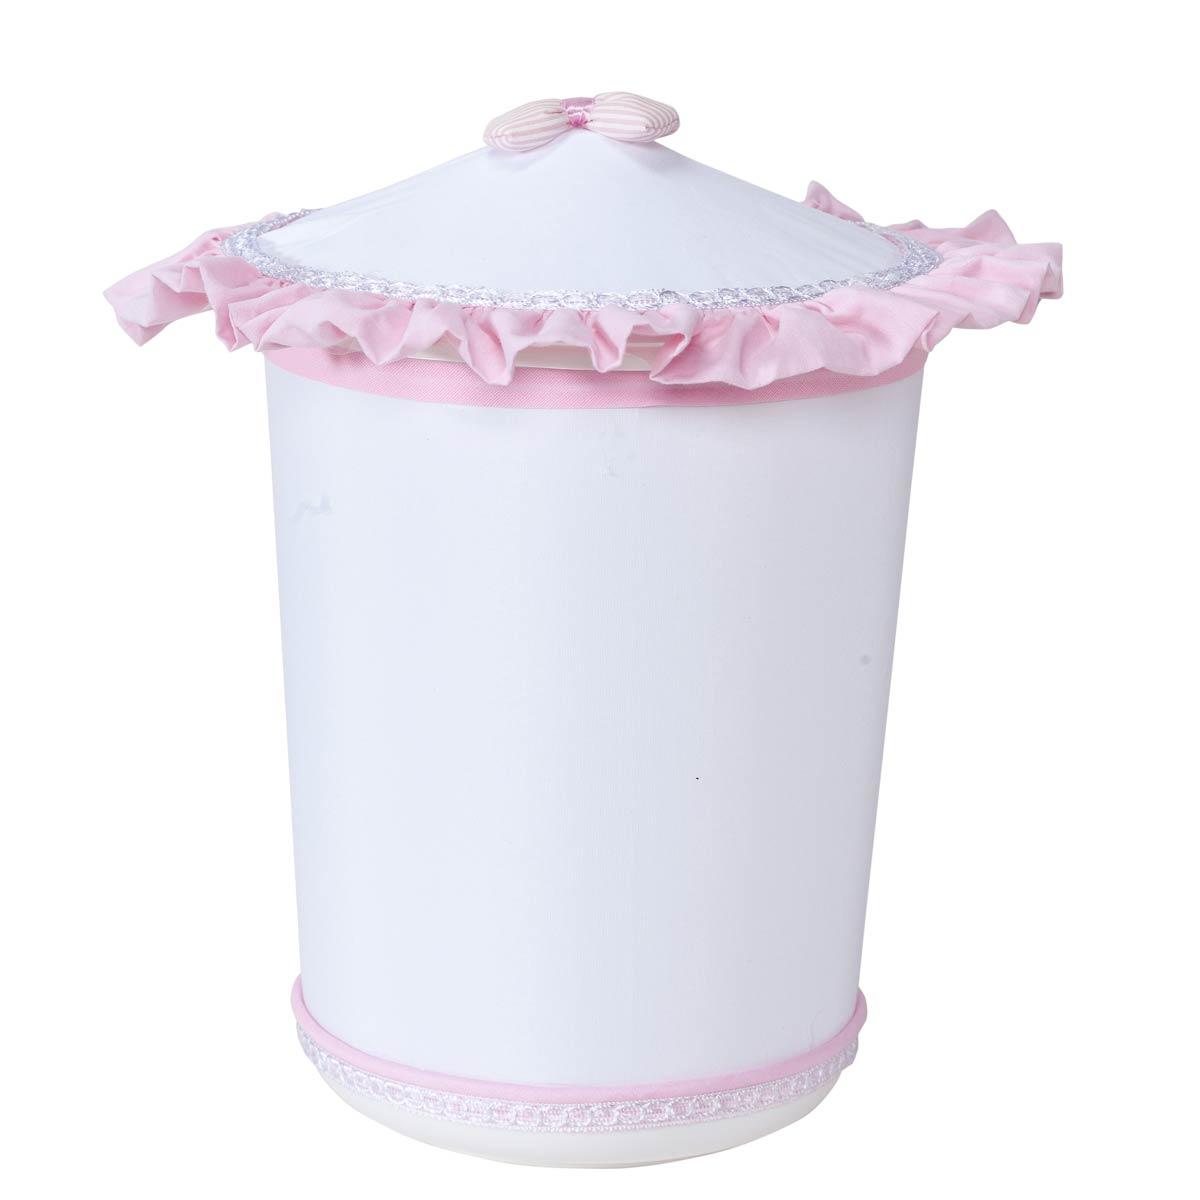 Lixeira Enfeitada para Quarto de Bebê Coleção Lacinhos Baby - Rosa